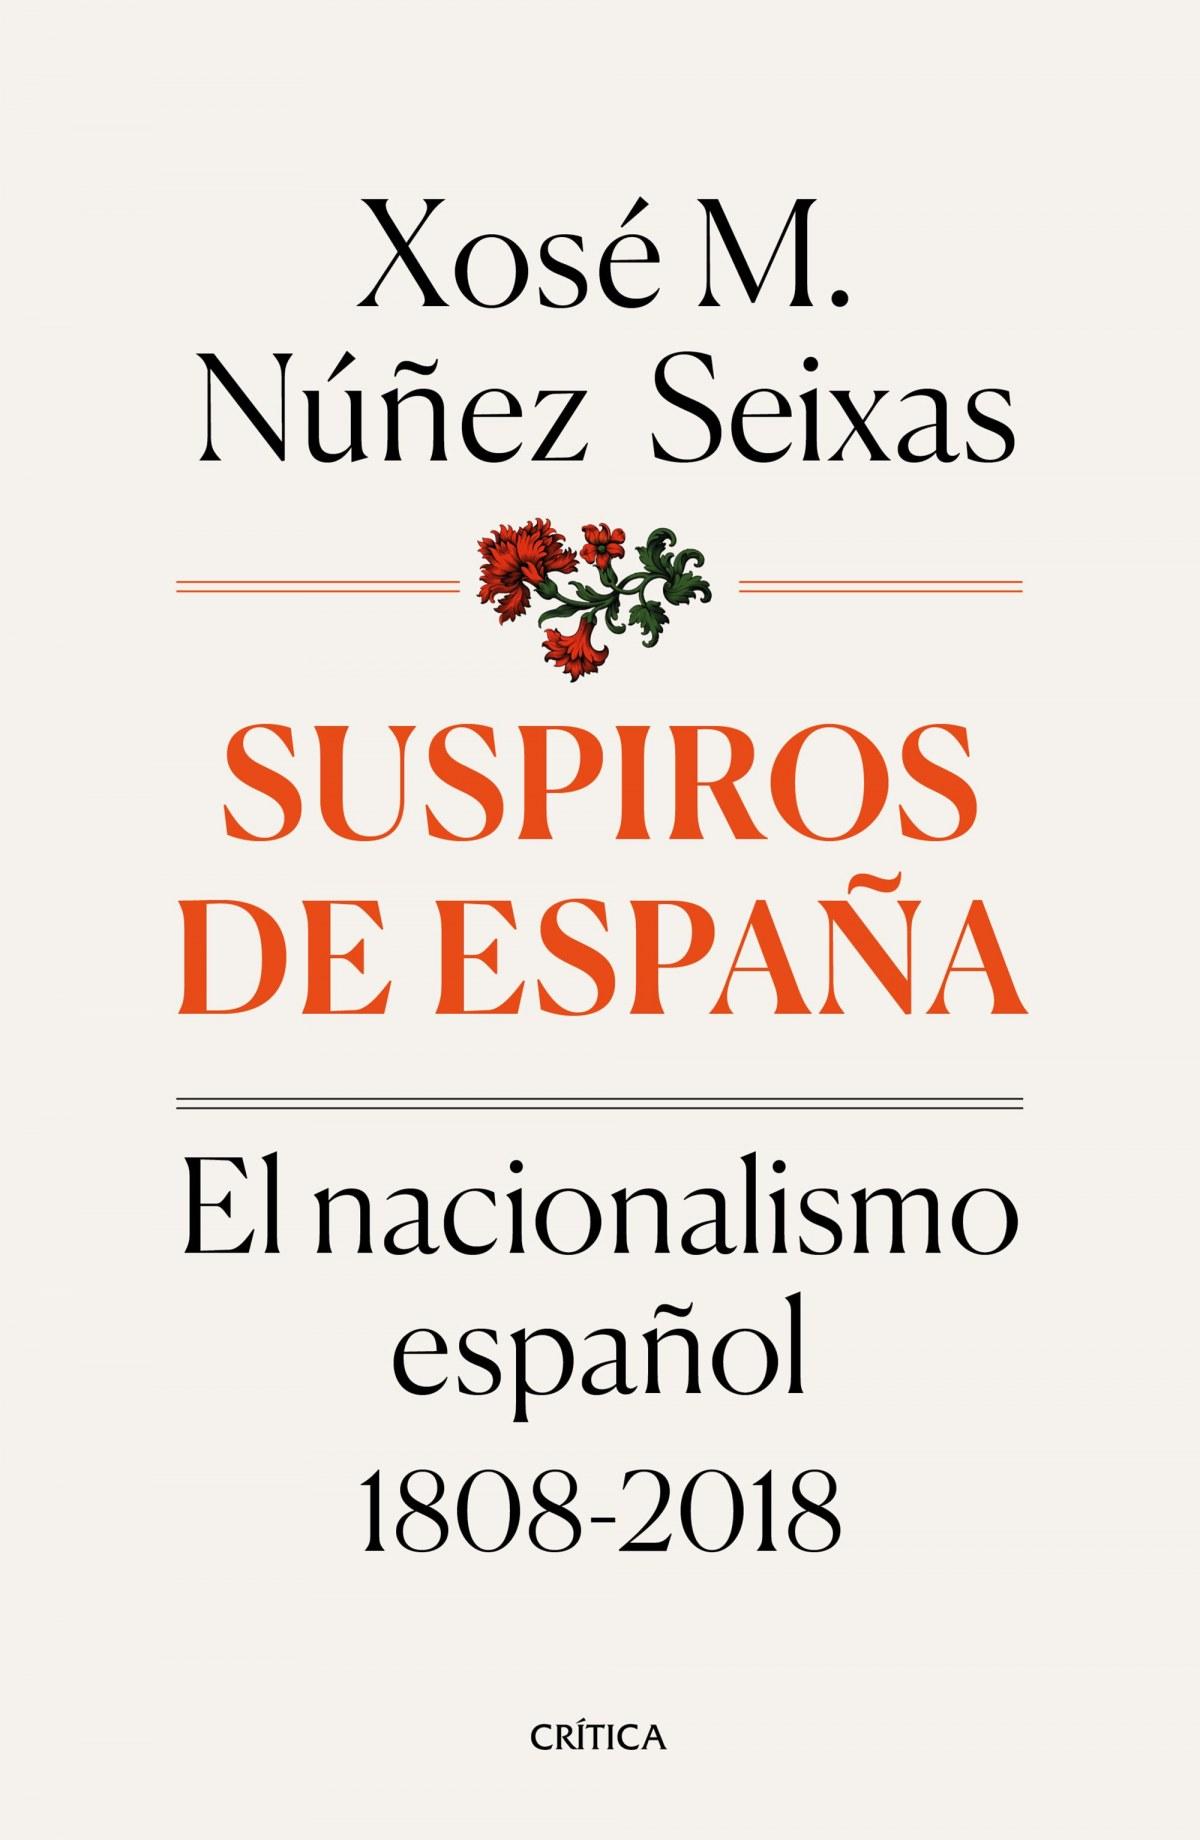 SUSPIROS DE ESPAñA 9788491990277